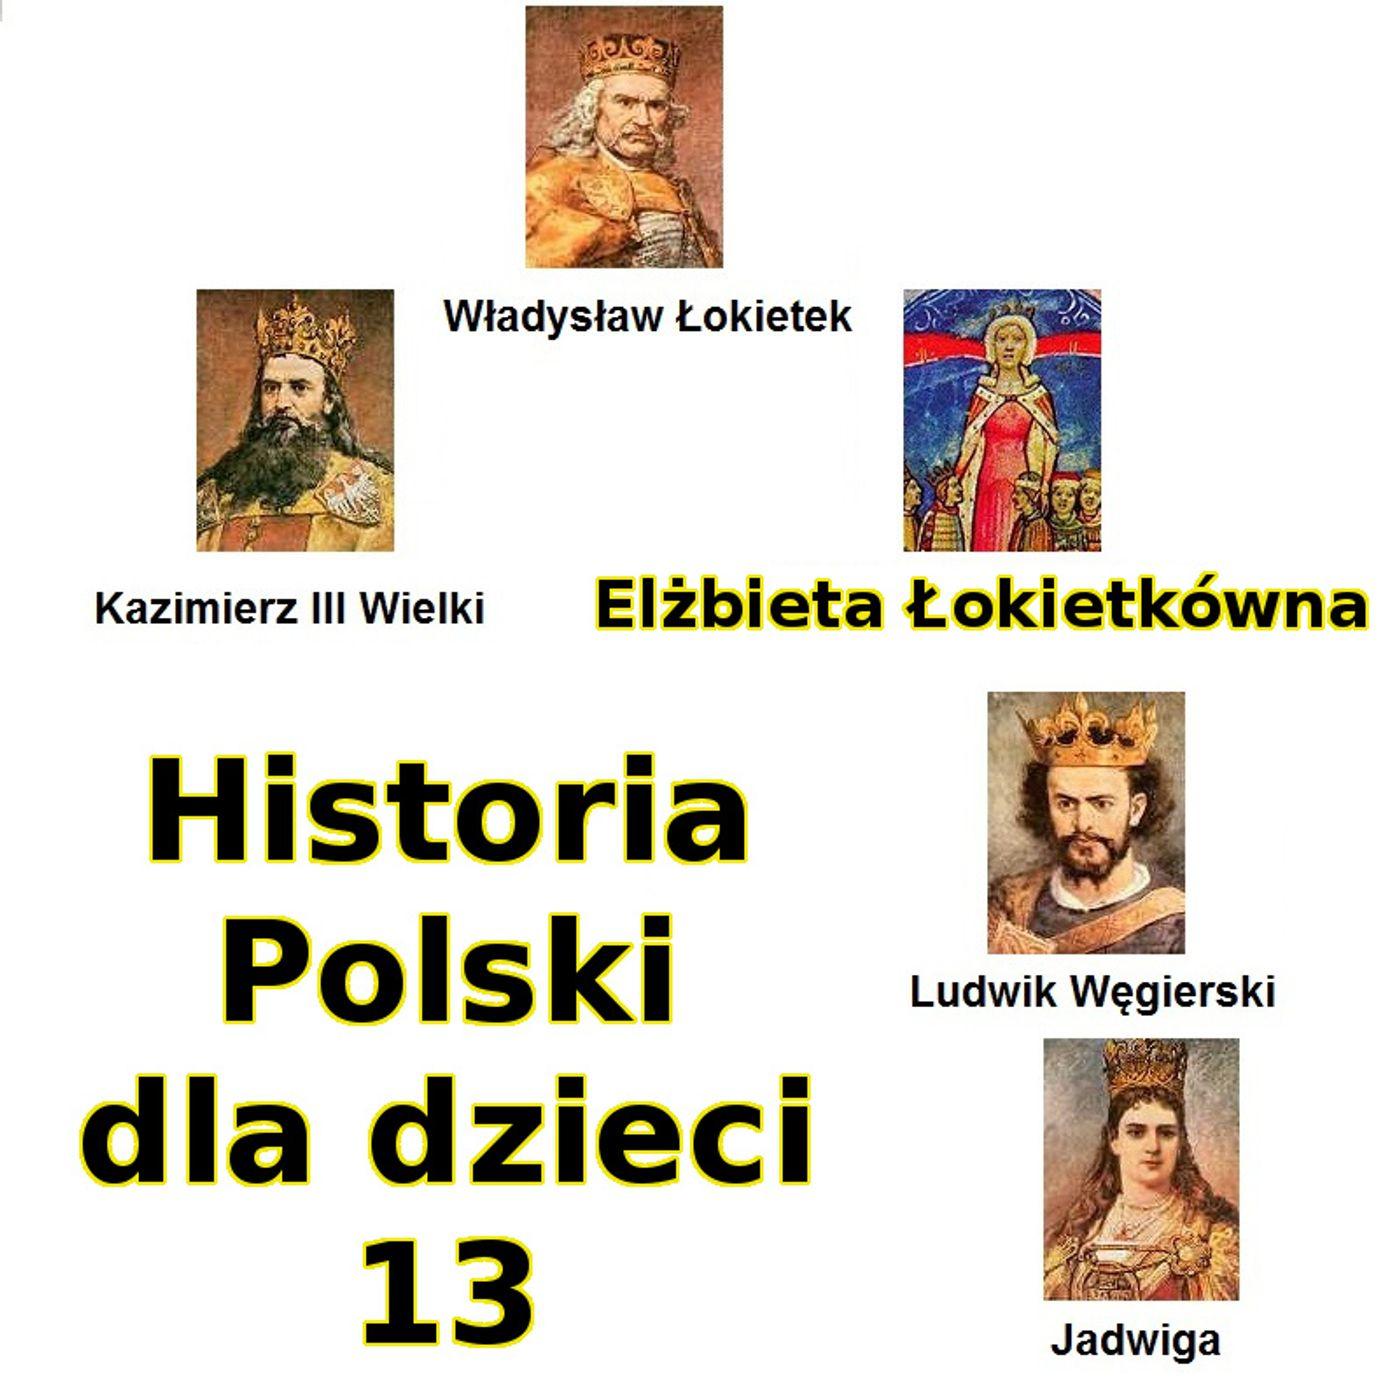 13 - Elżbieta Łokietkówna